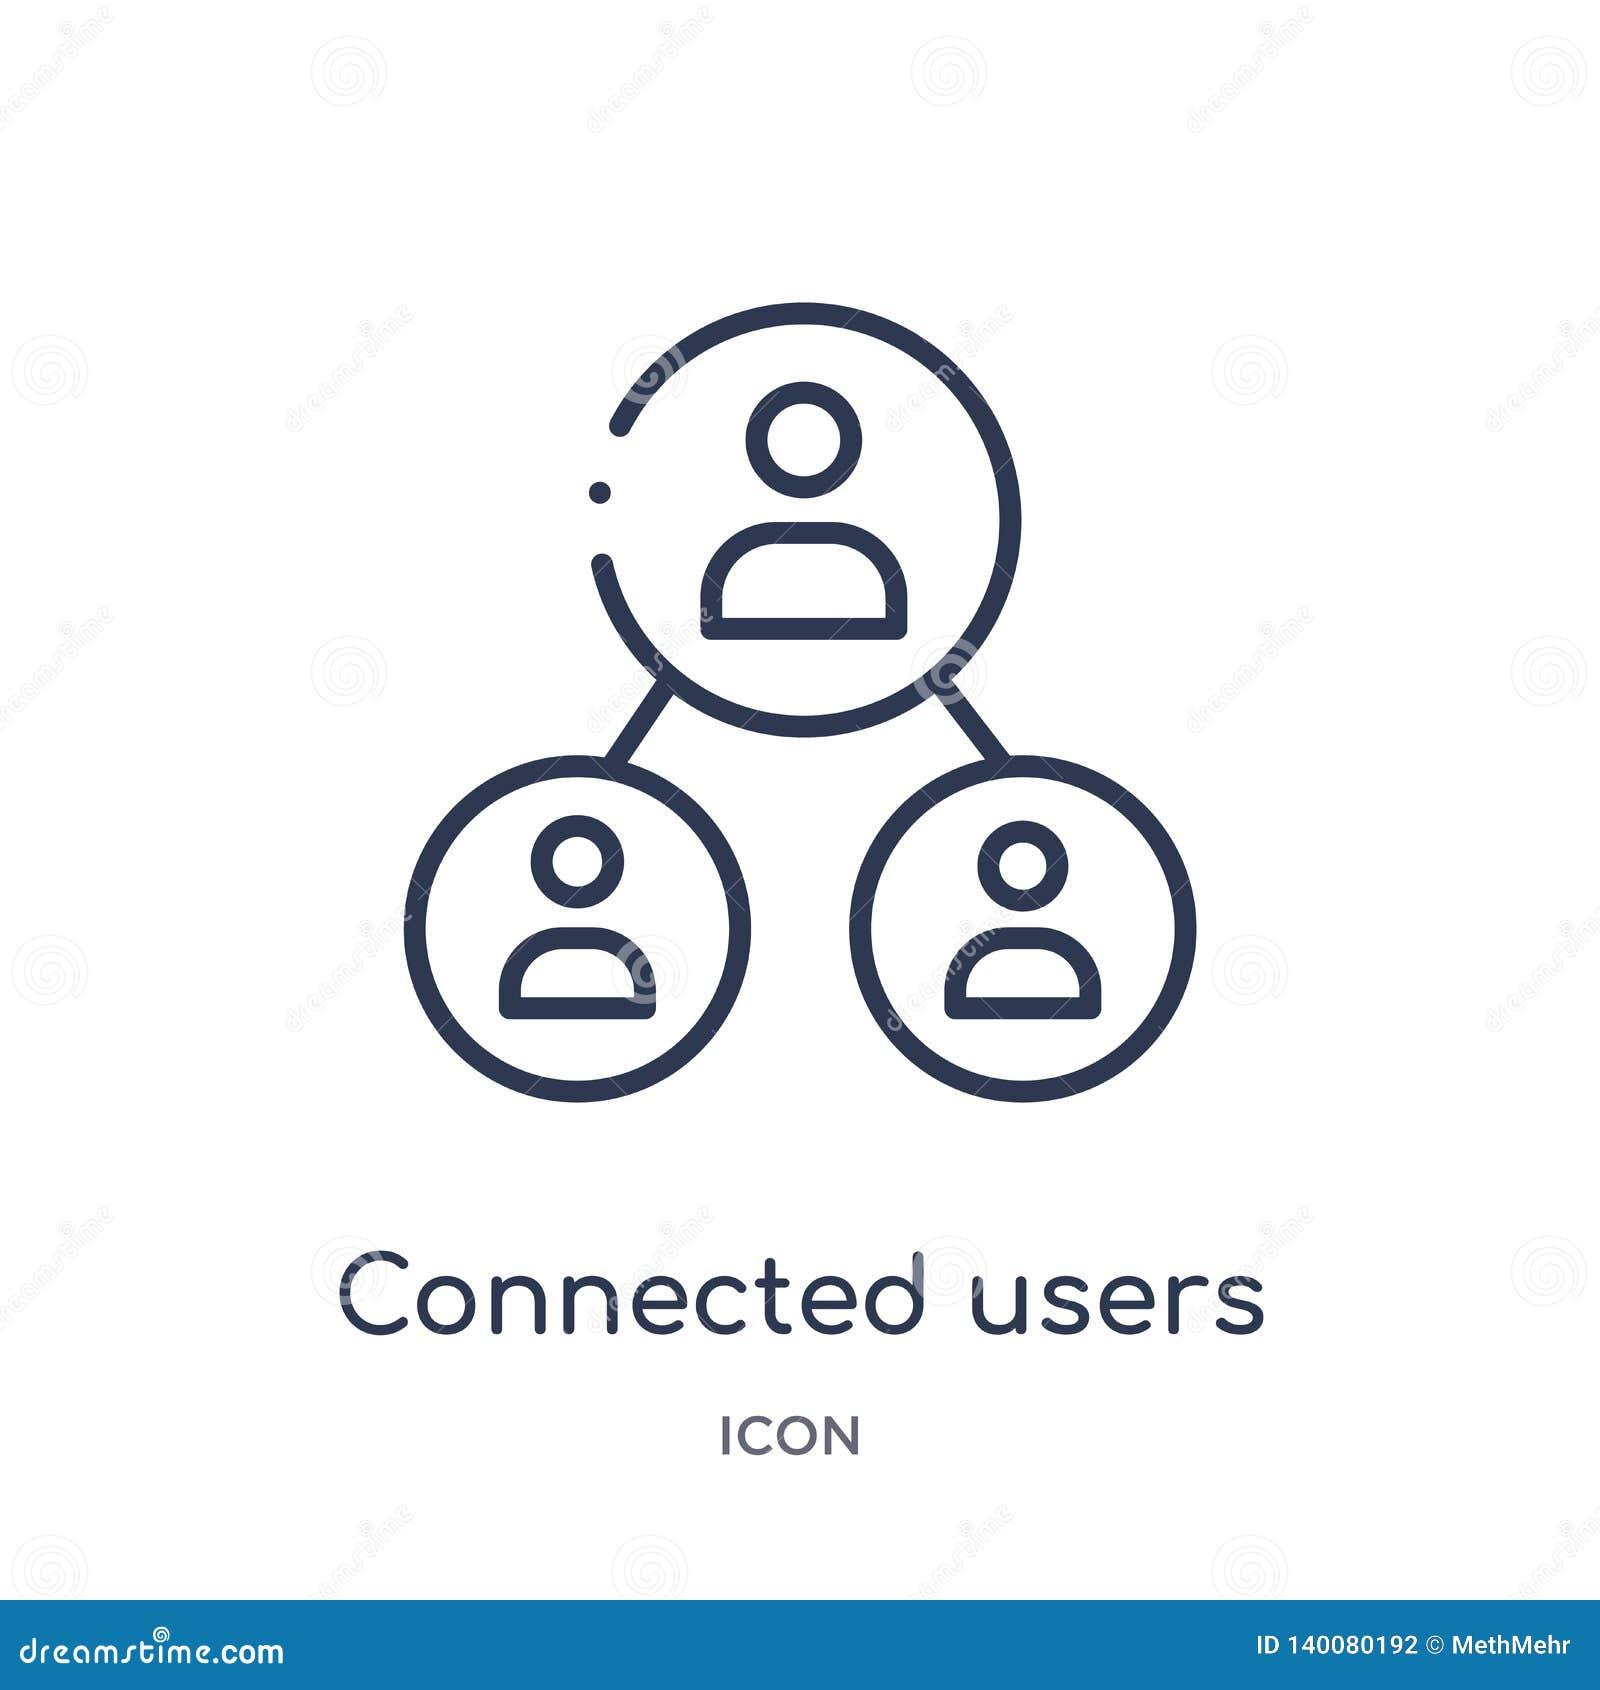 Förbindelseanvändare i symbol för flödesdiagram från användargränssnittöversiktssamling Den tunna linjen förband användare i den